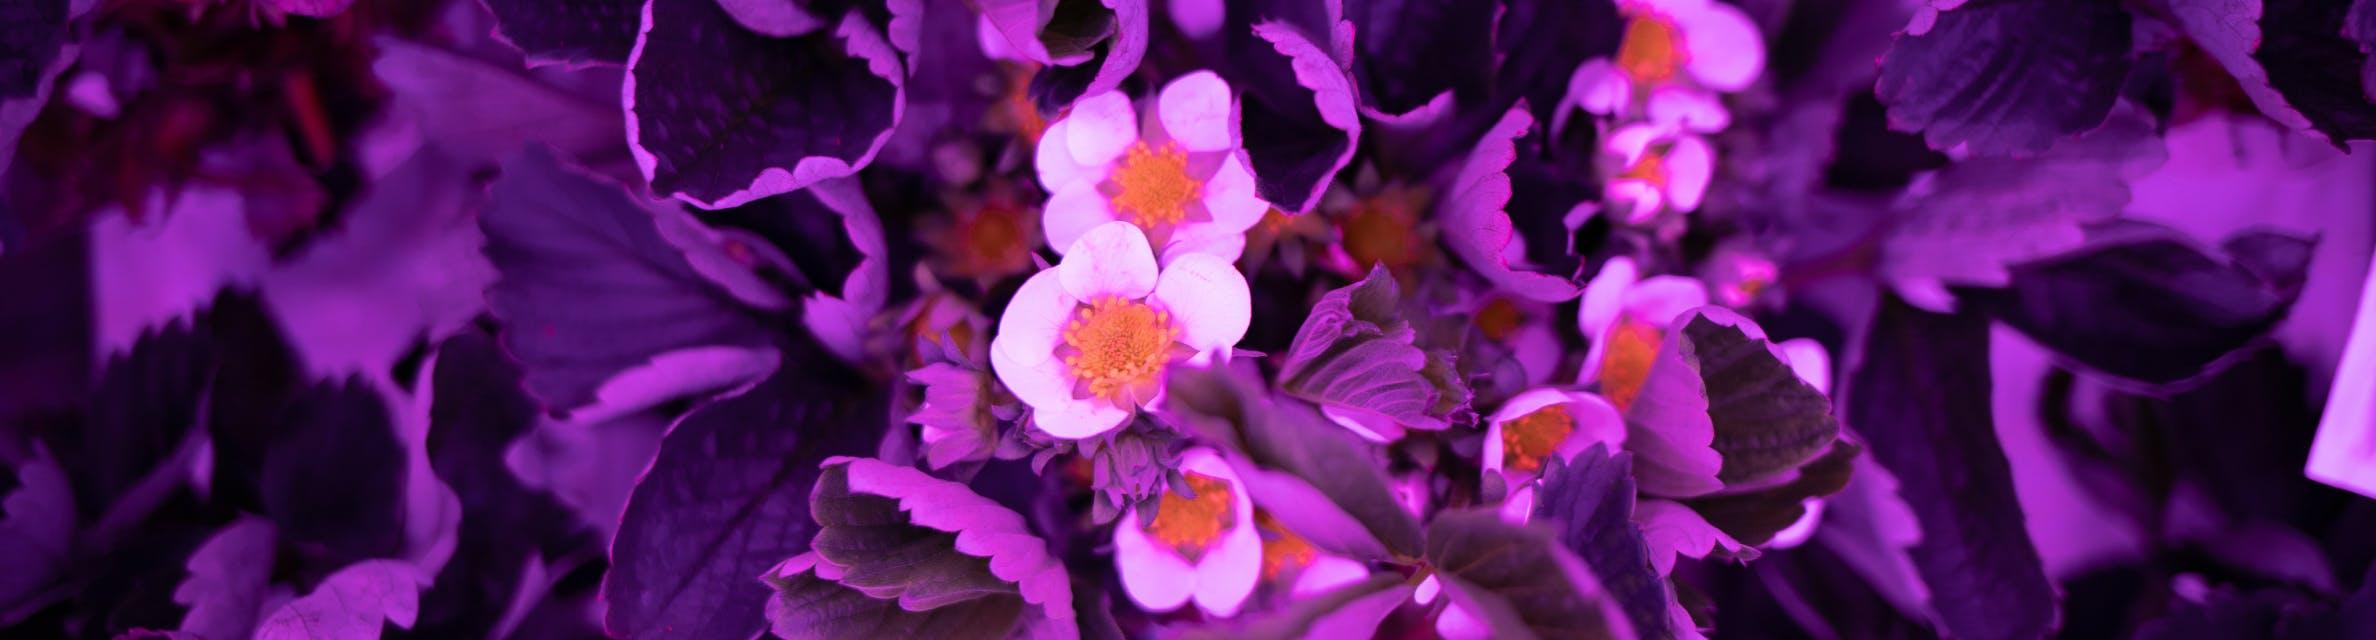 Des fleurs de fraisiers sous une lumière violette